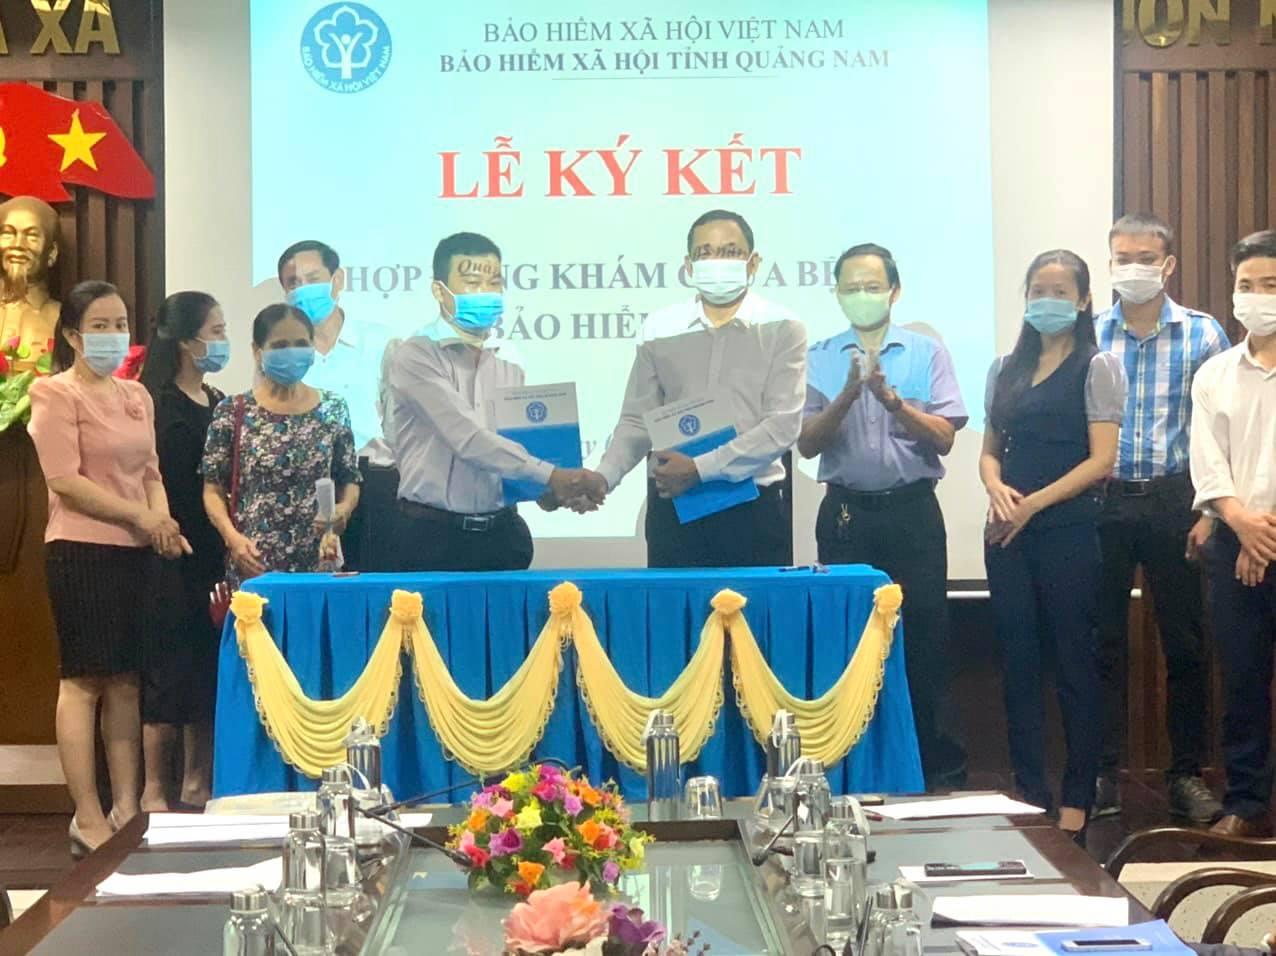 Một phòng khám tư nhân ở Quảng Nam được quyền khám chữa bệnh BHYT - Ảnh 2.